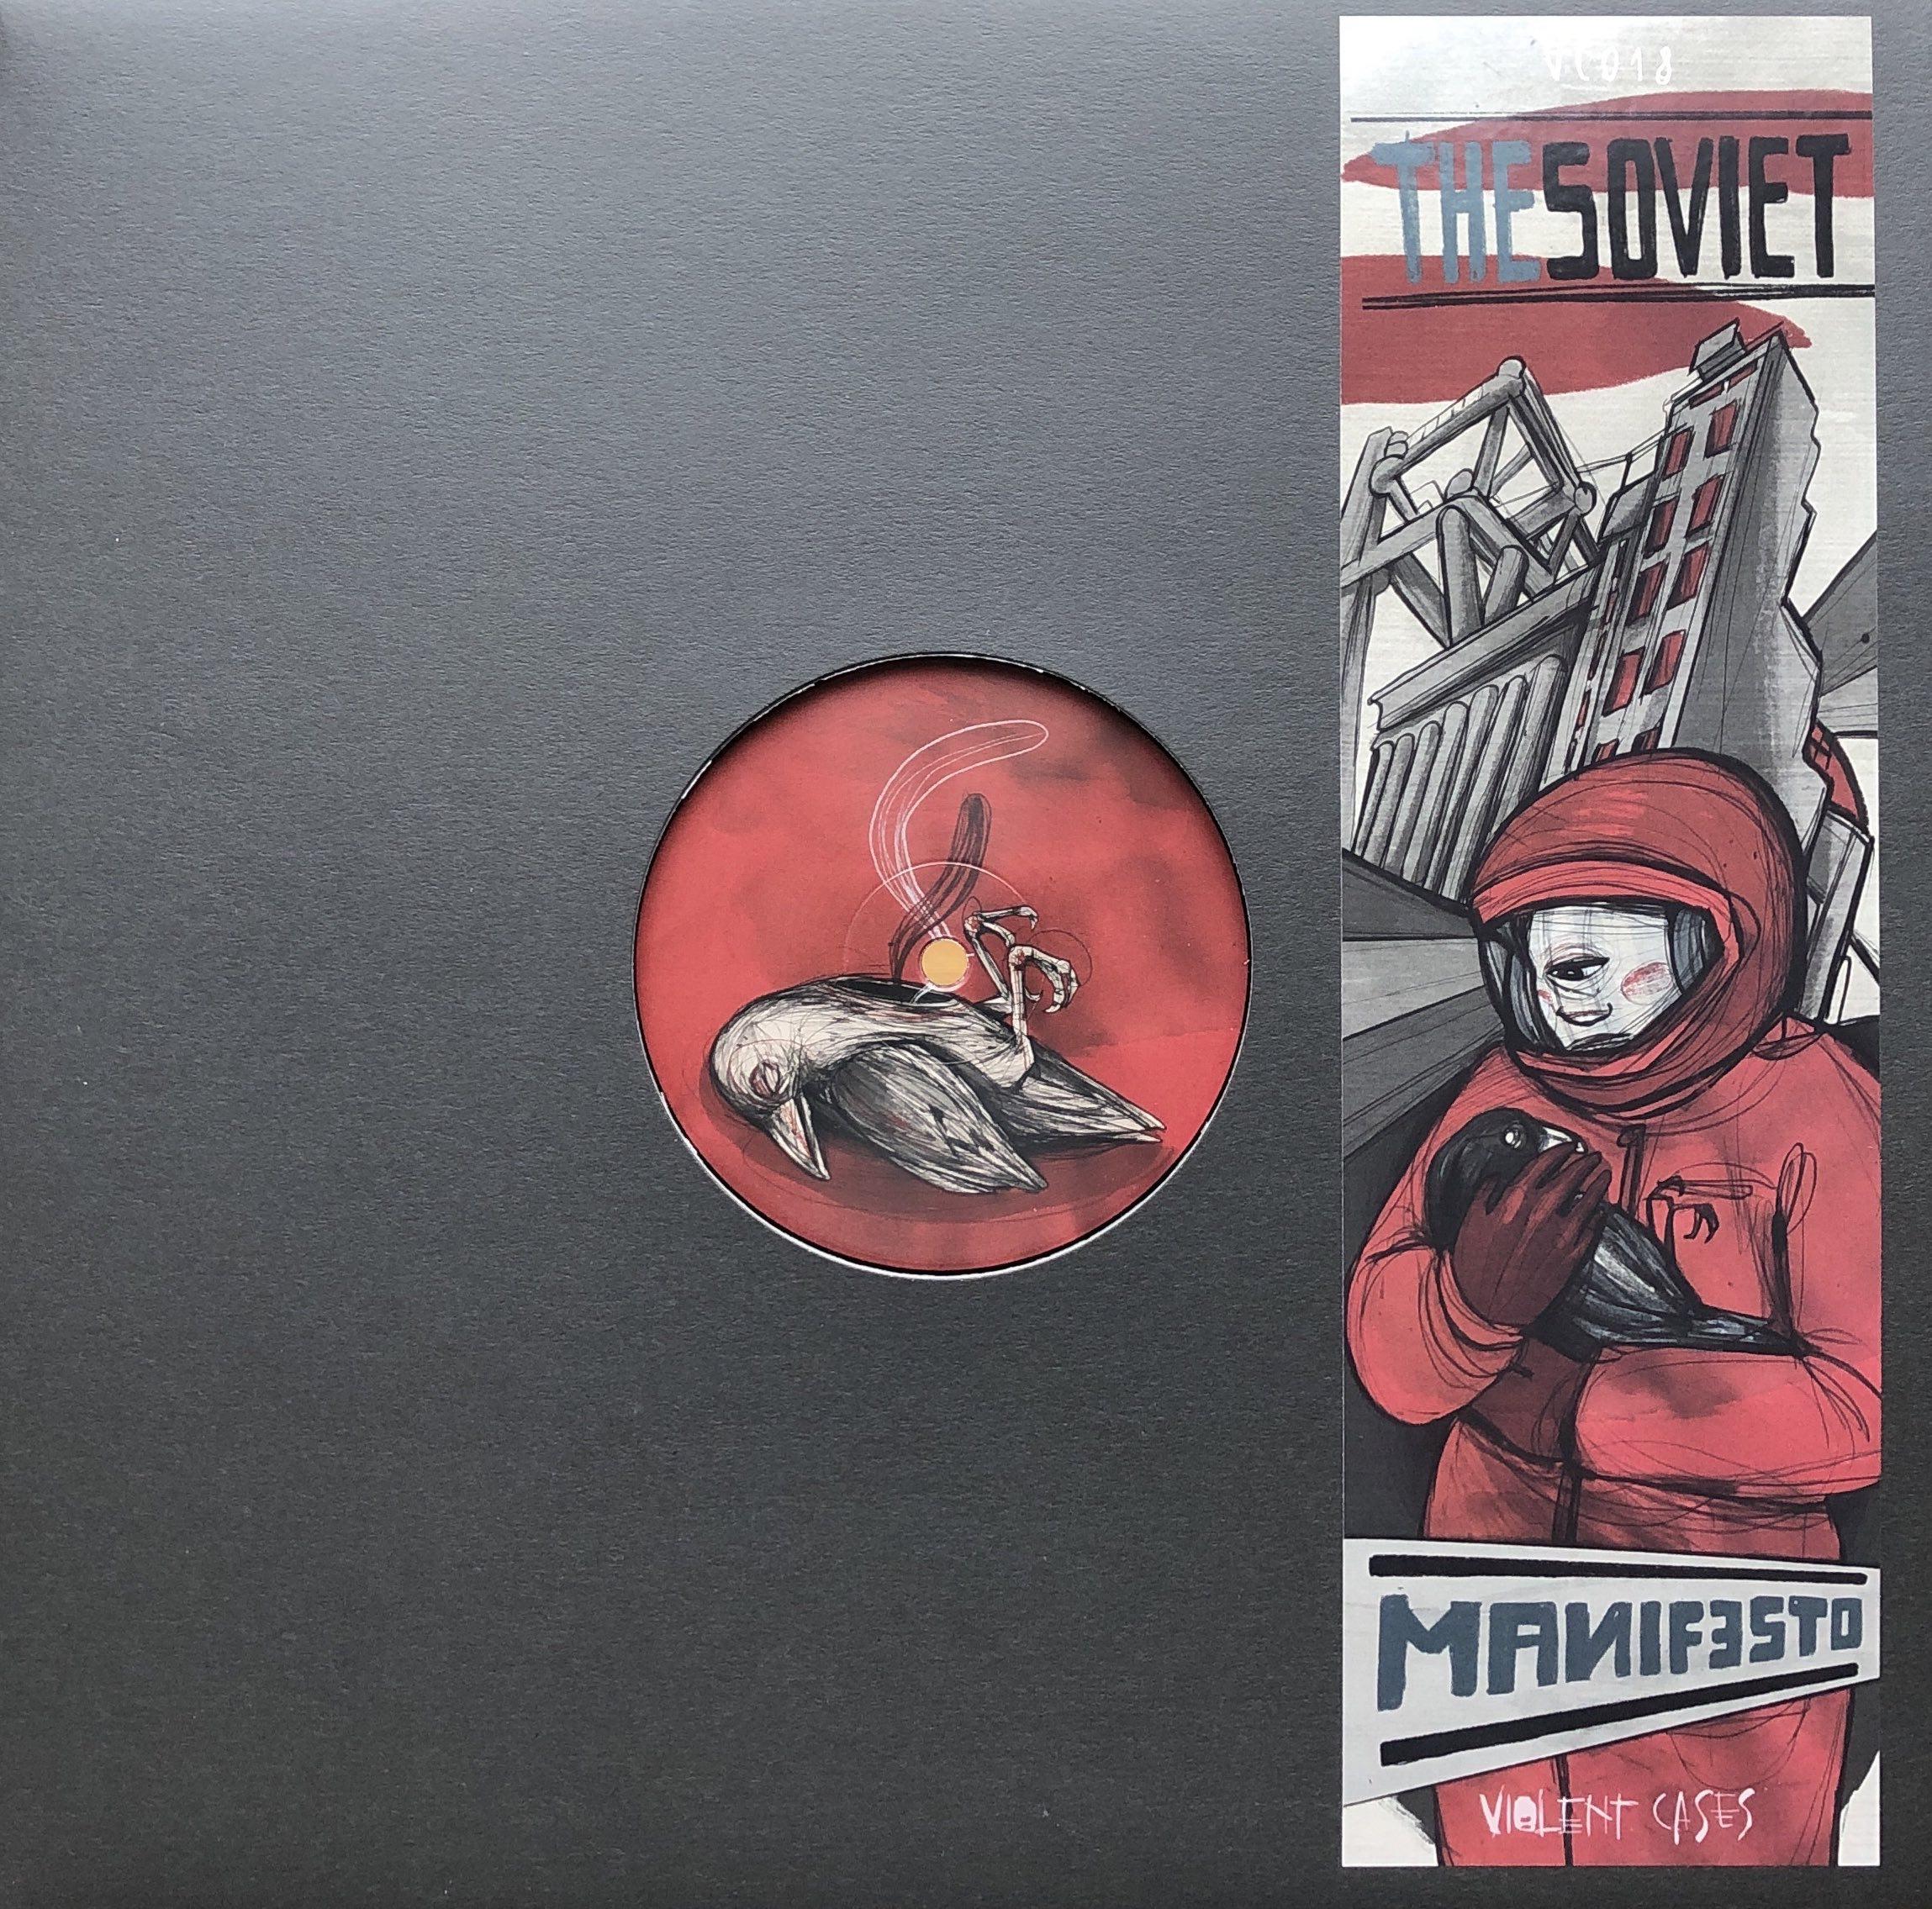 """VC018 - The Soviet """"Manifesto"""""""